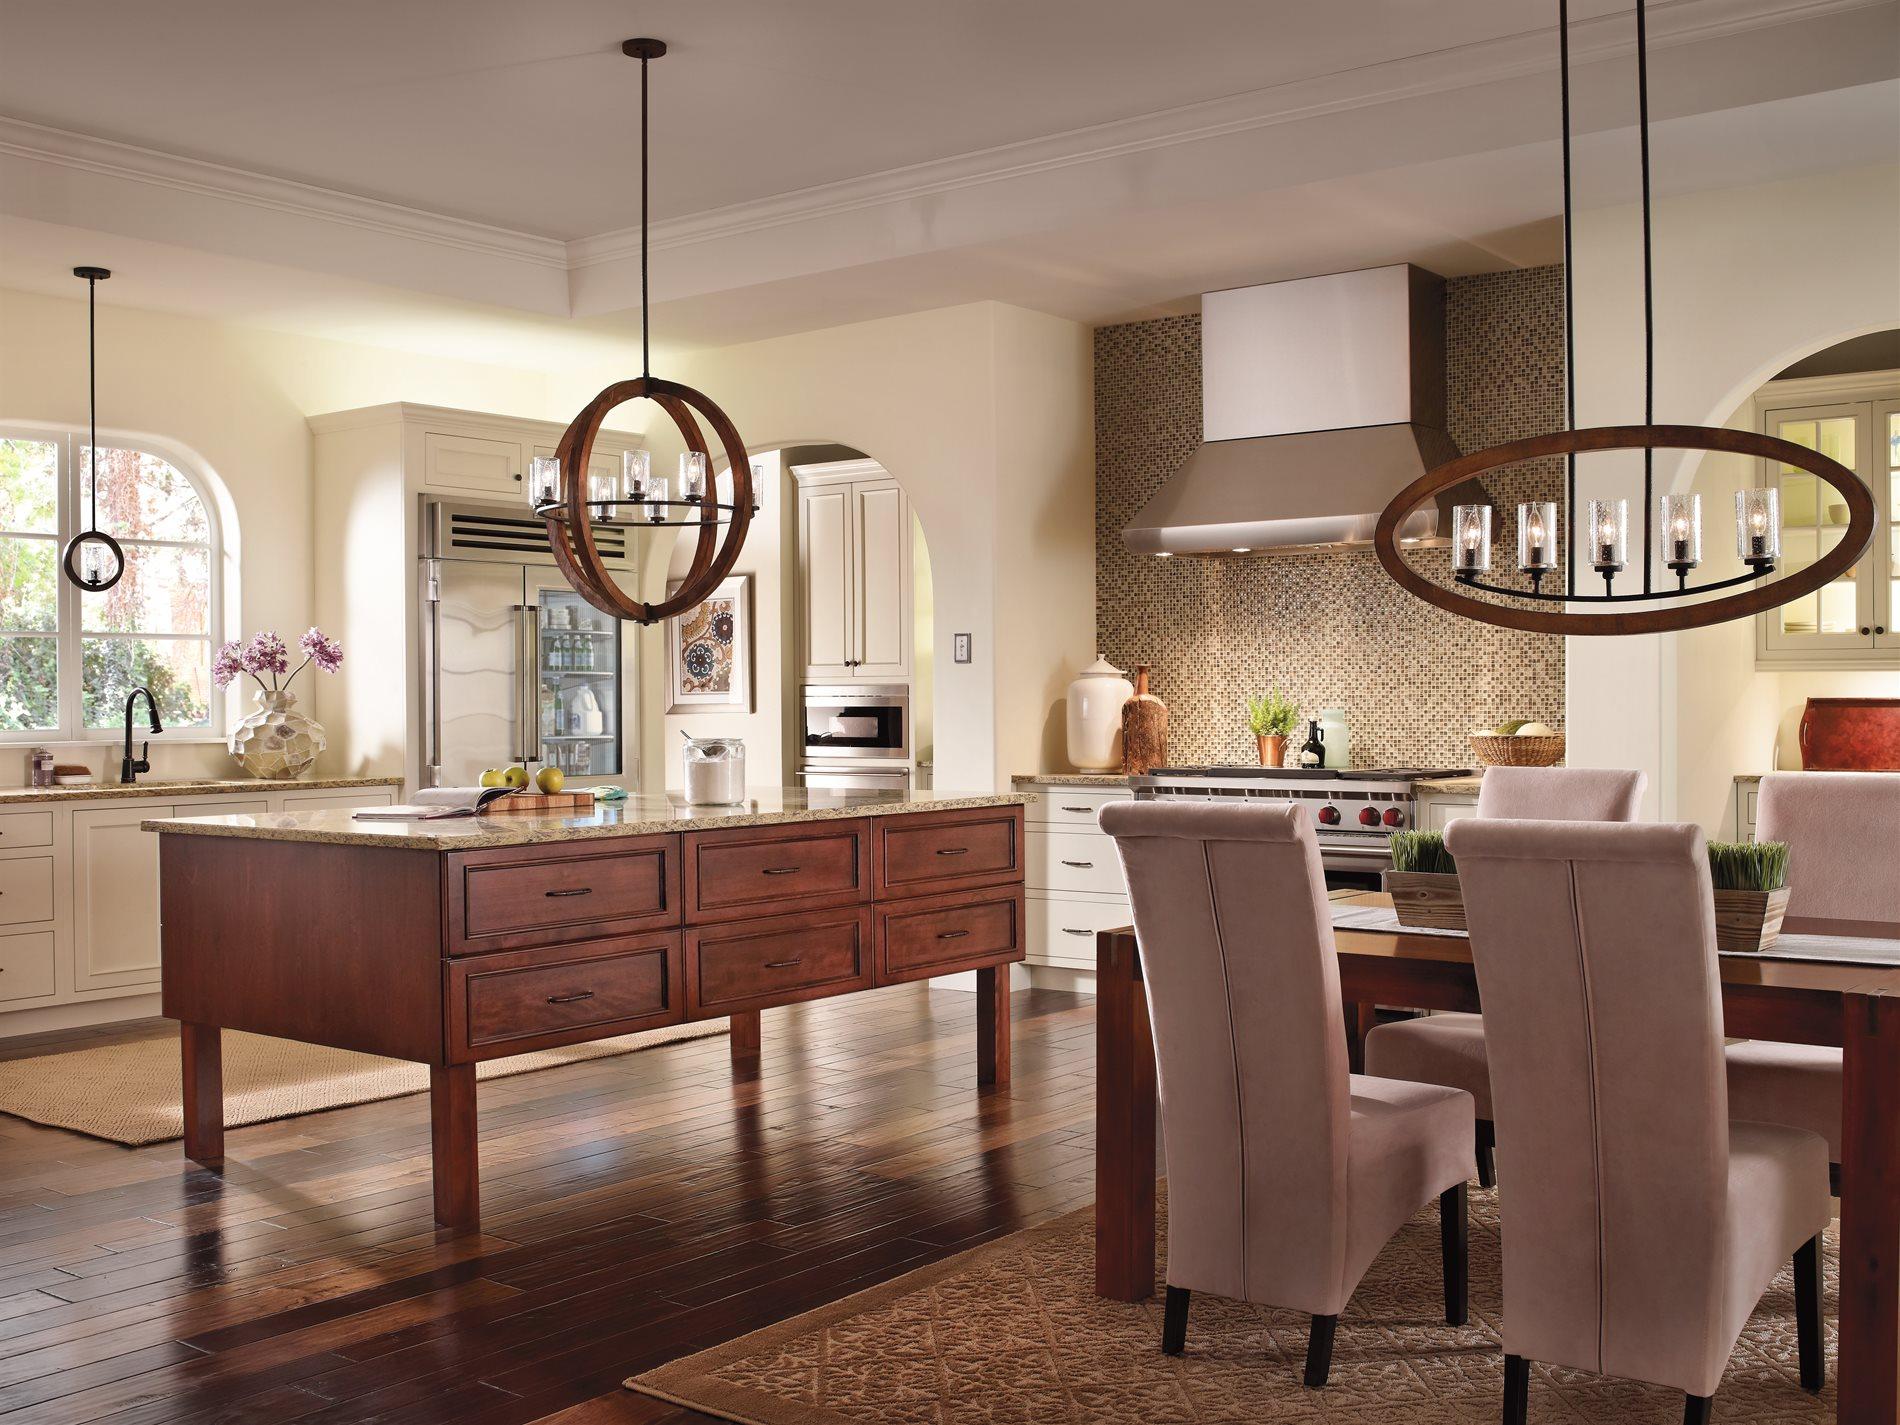 kichler lighting 43190aub grand bank transitional chandelier kch 43190 aub. Black Bedroom Furniture Sets. Home Design Ideas